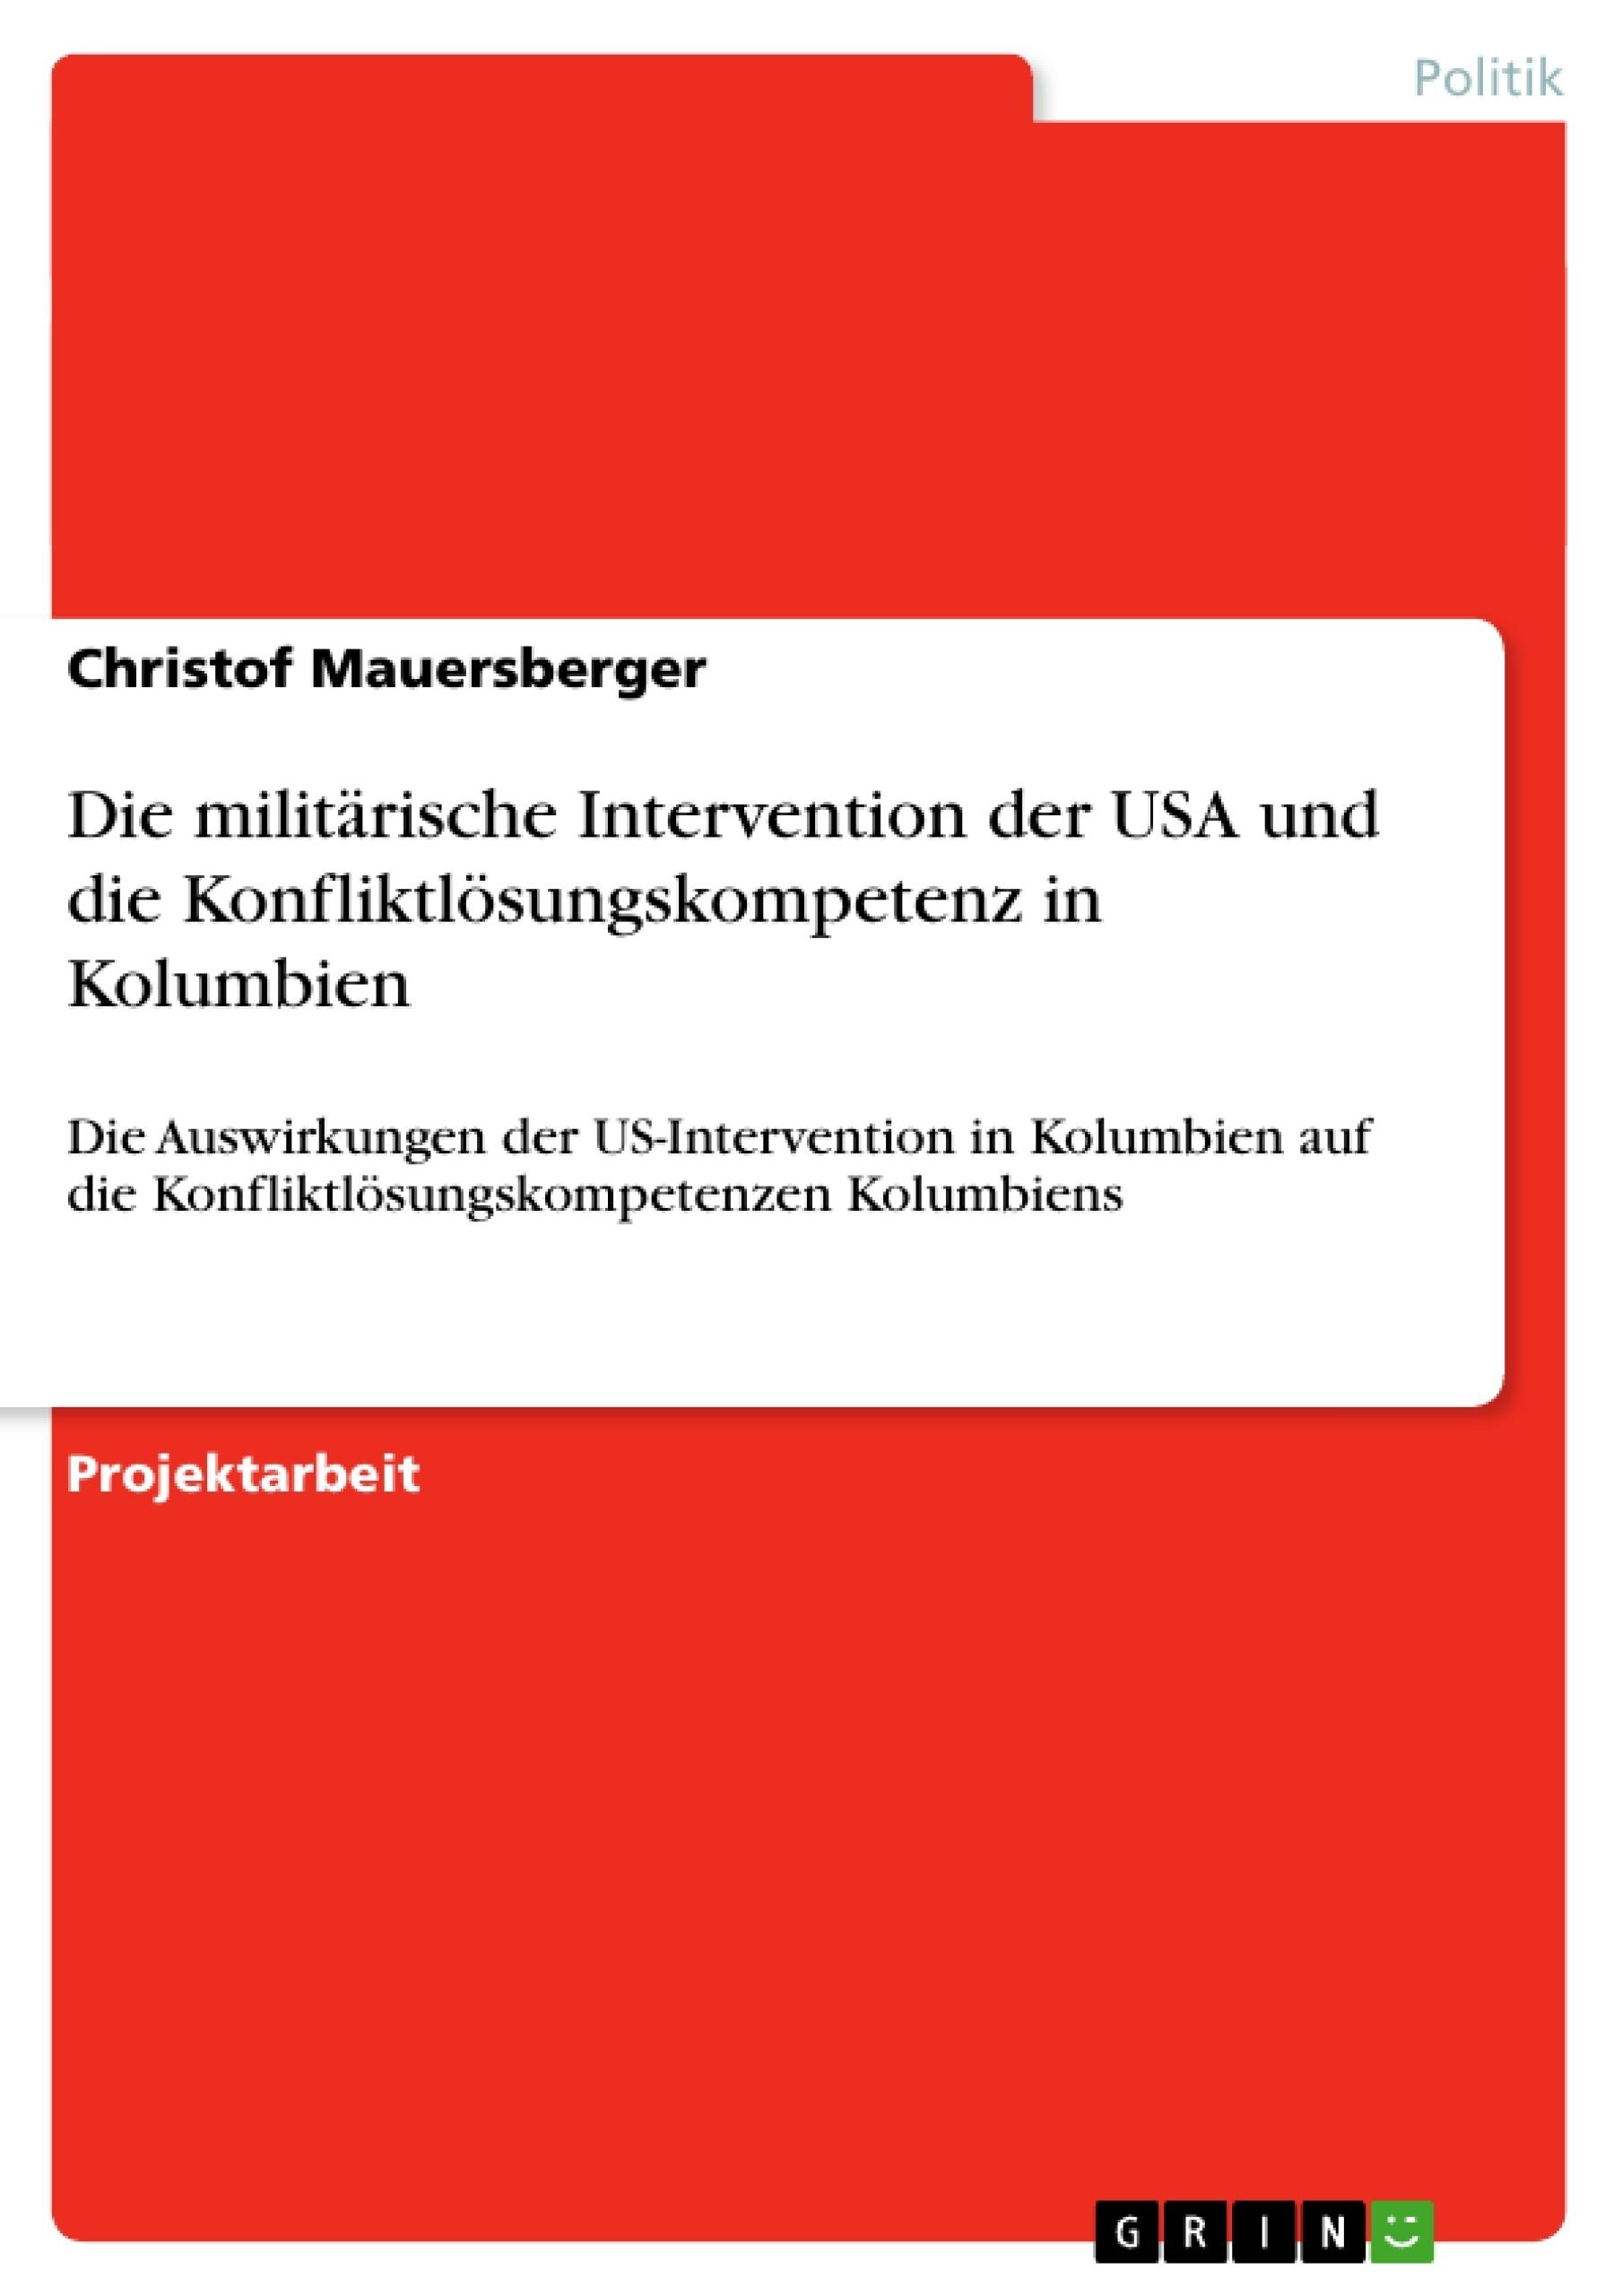 Titel: Die militärische Intervention der USA und die Konfliktlösungskompetenz in Kolumbien